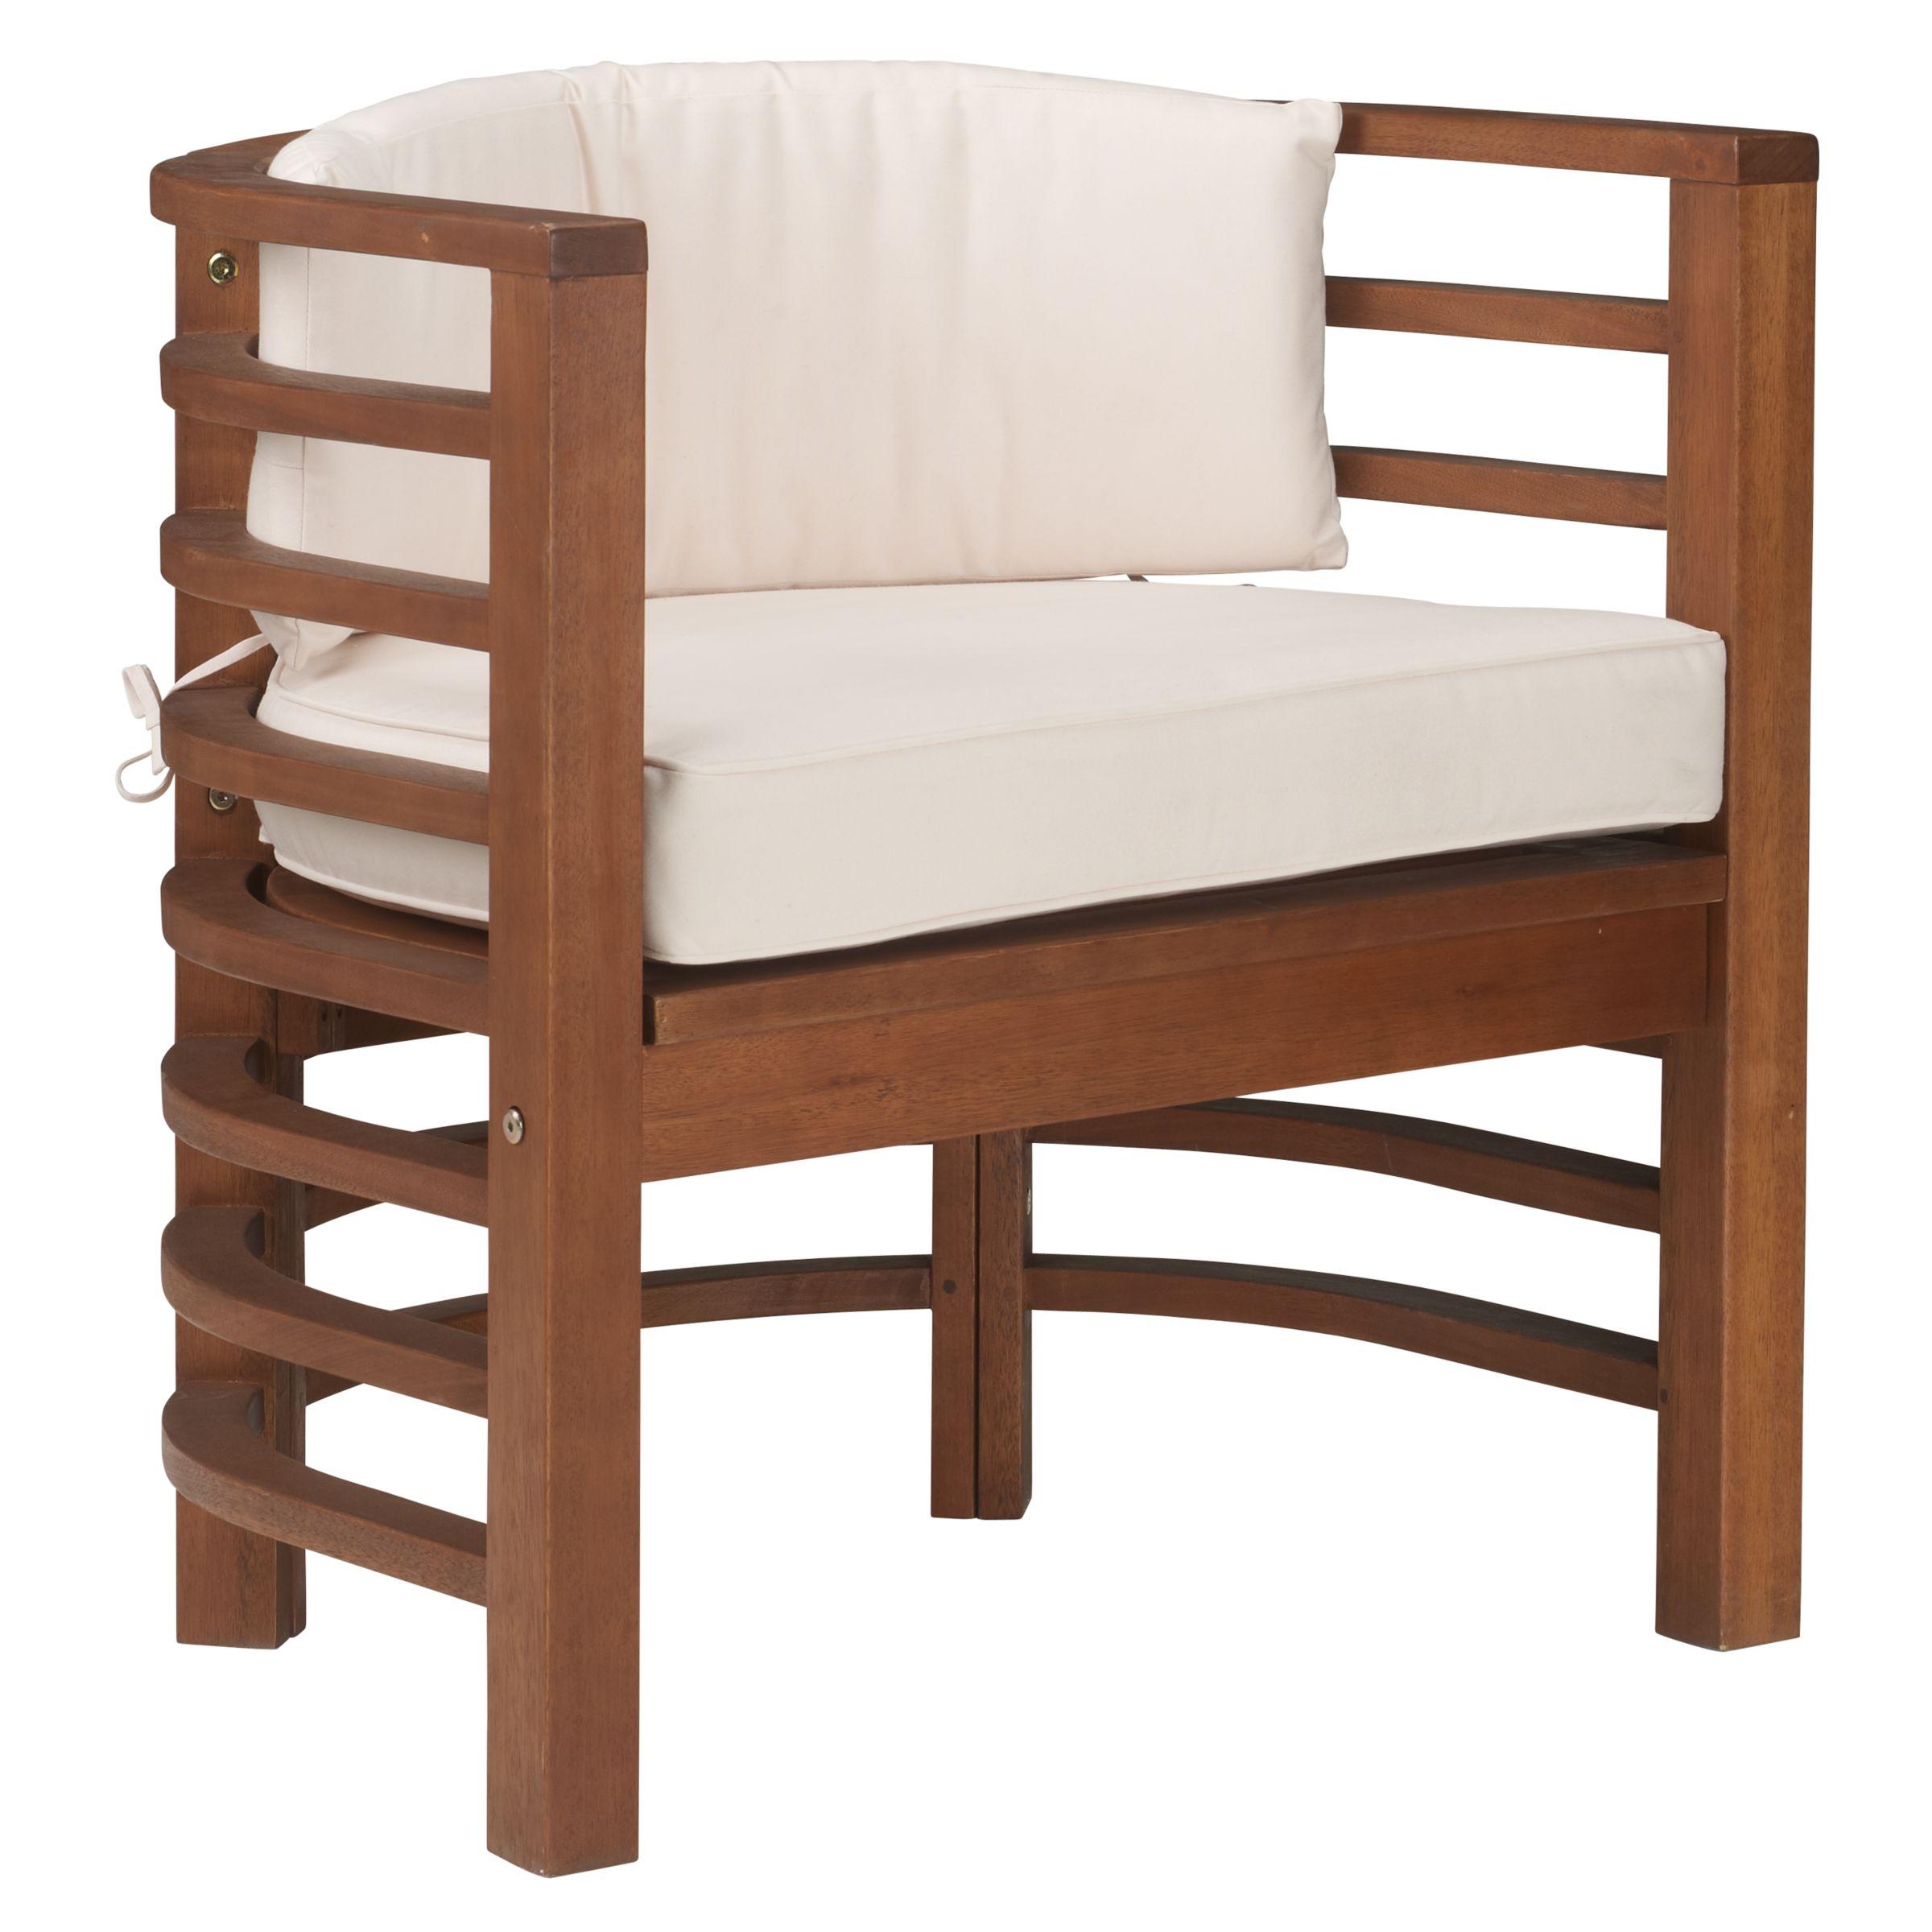 John Lewis Verona Outdoor Chair